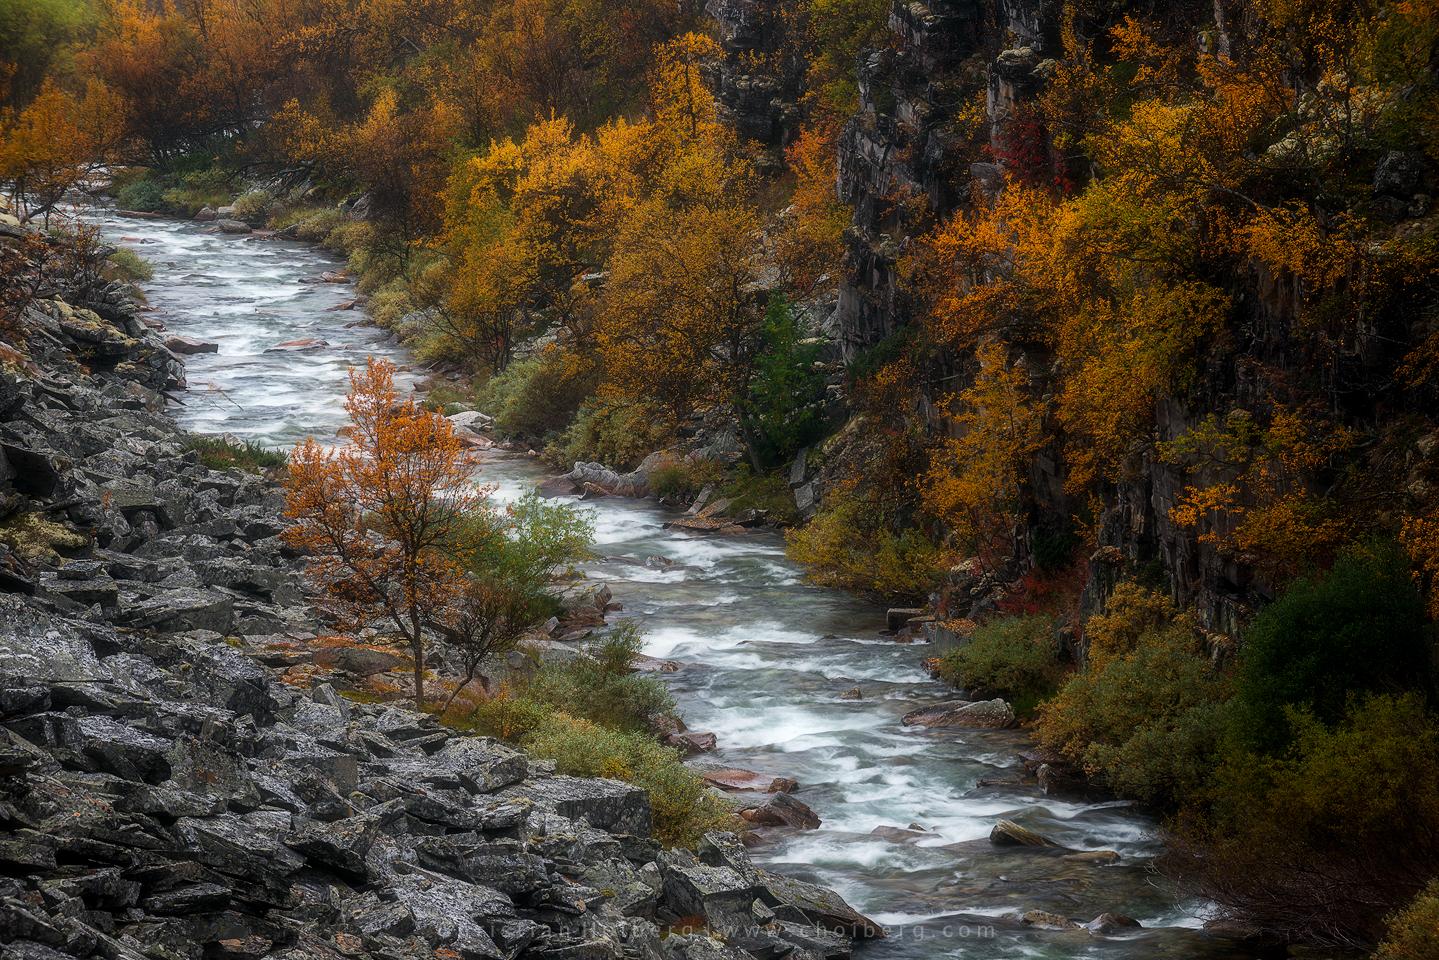 Spranget-fall-river.jpg